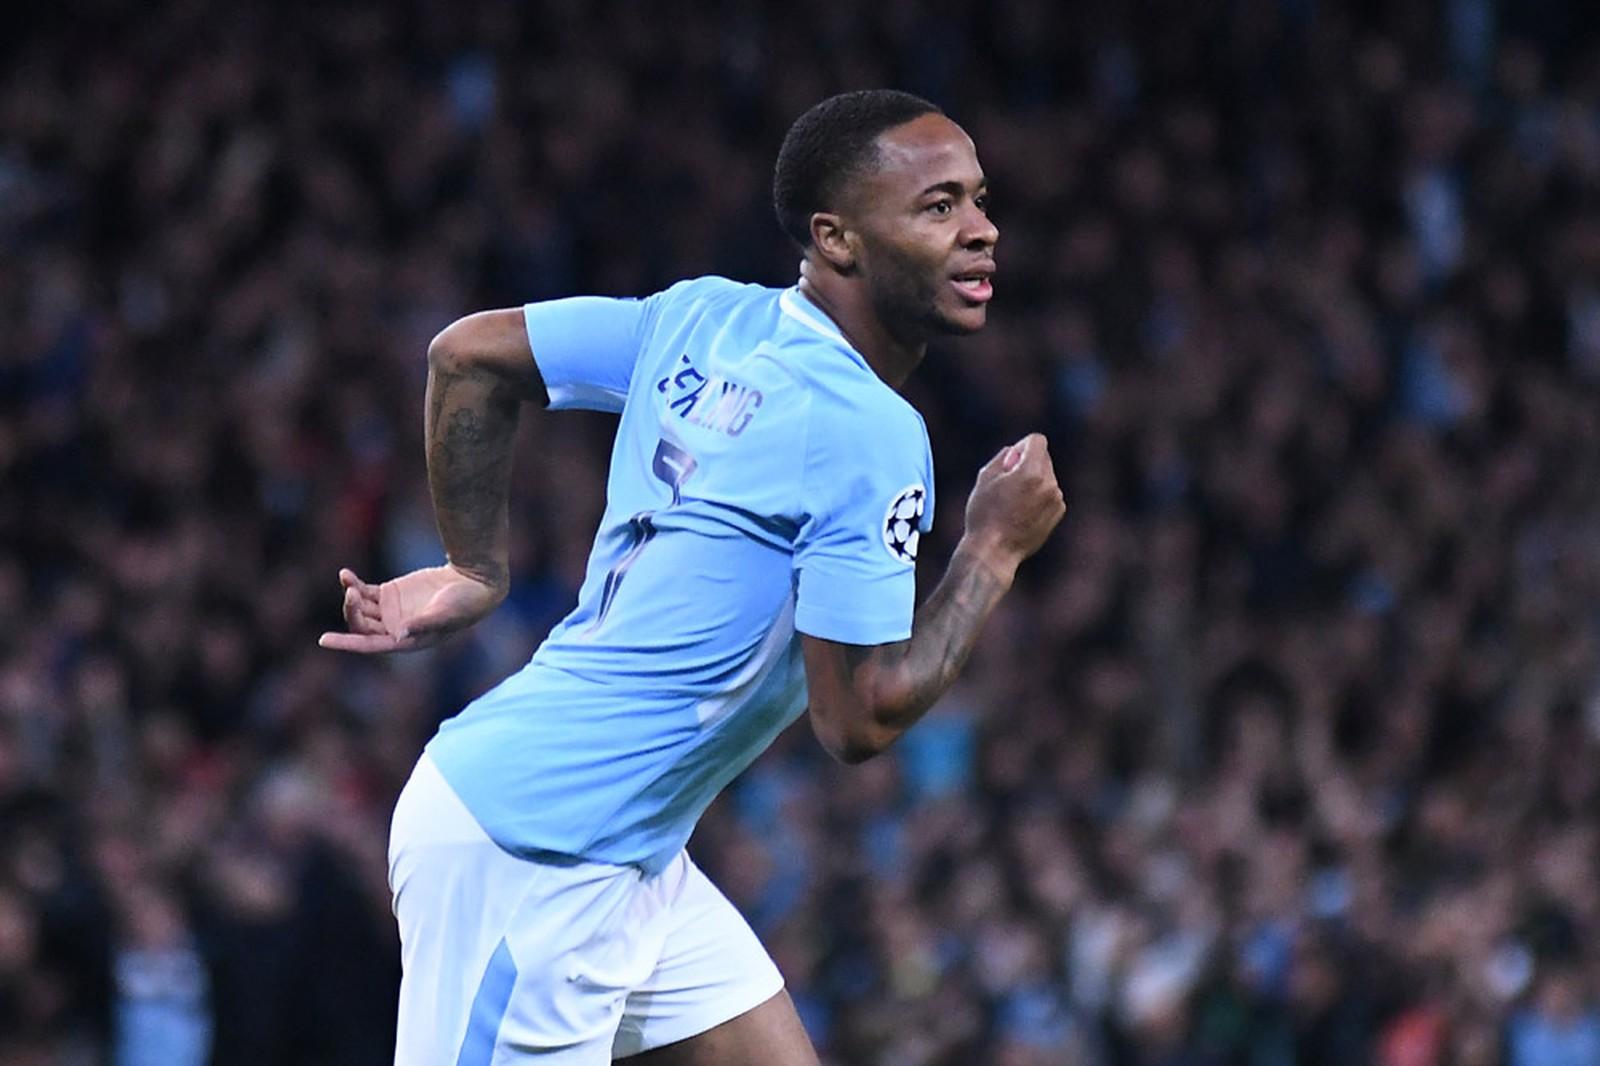 Manchester City: Vertrag, Derbysieg, Rüffel: Raheem Sterling erlebt  ereignisreiche Tage